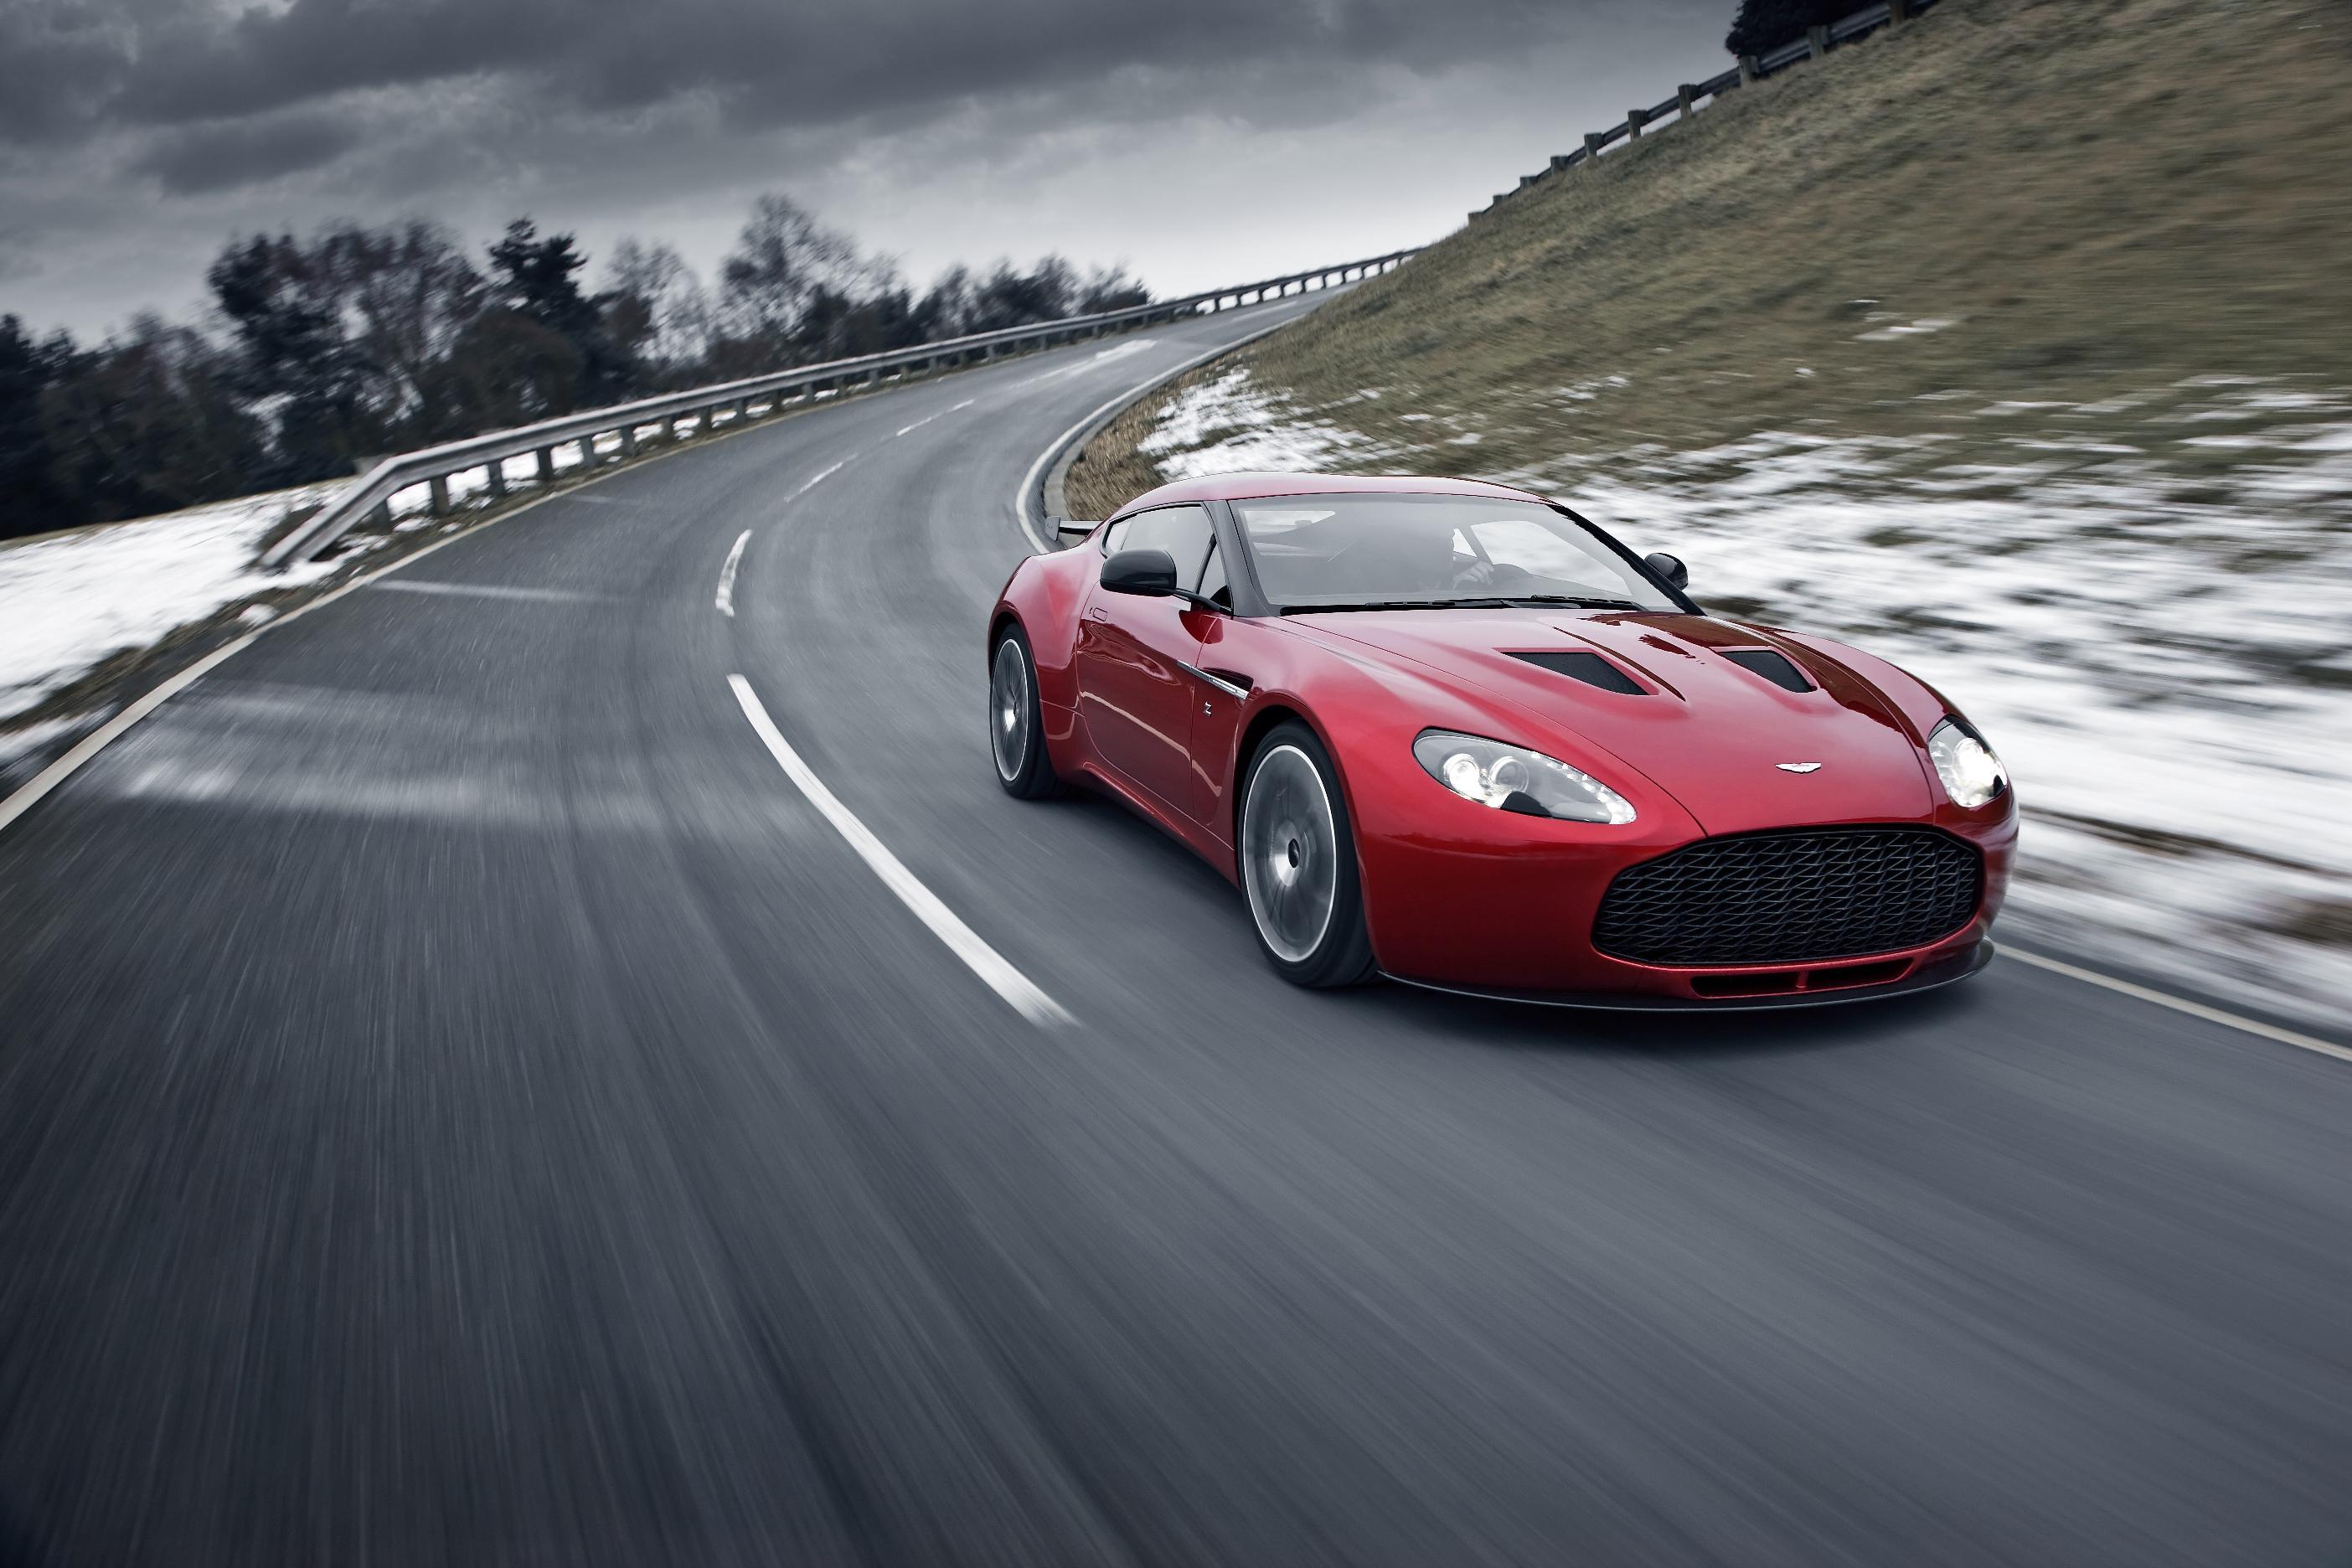 Aston Martin V12 Zagato Driving